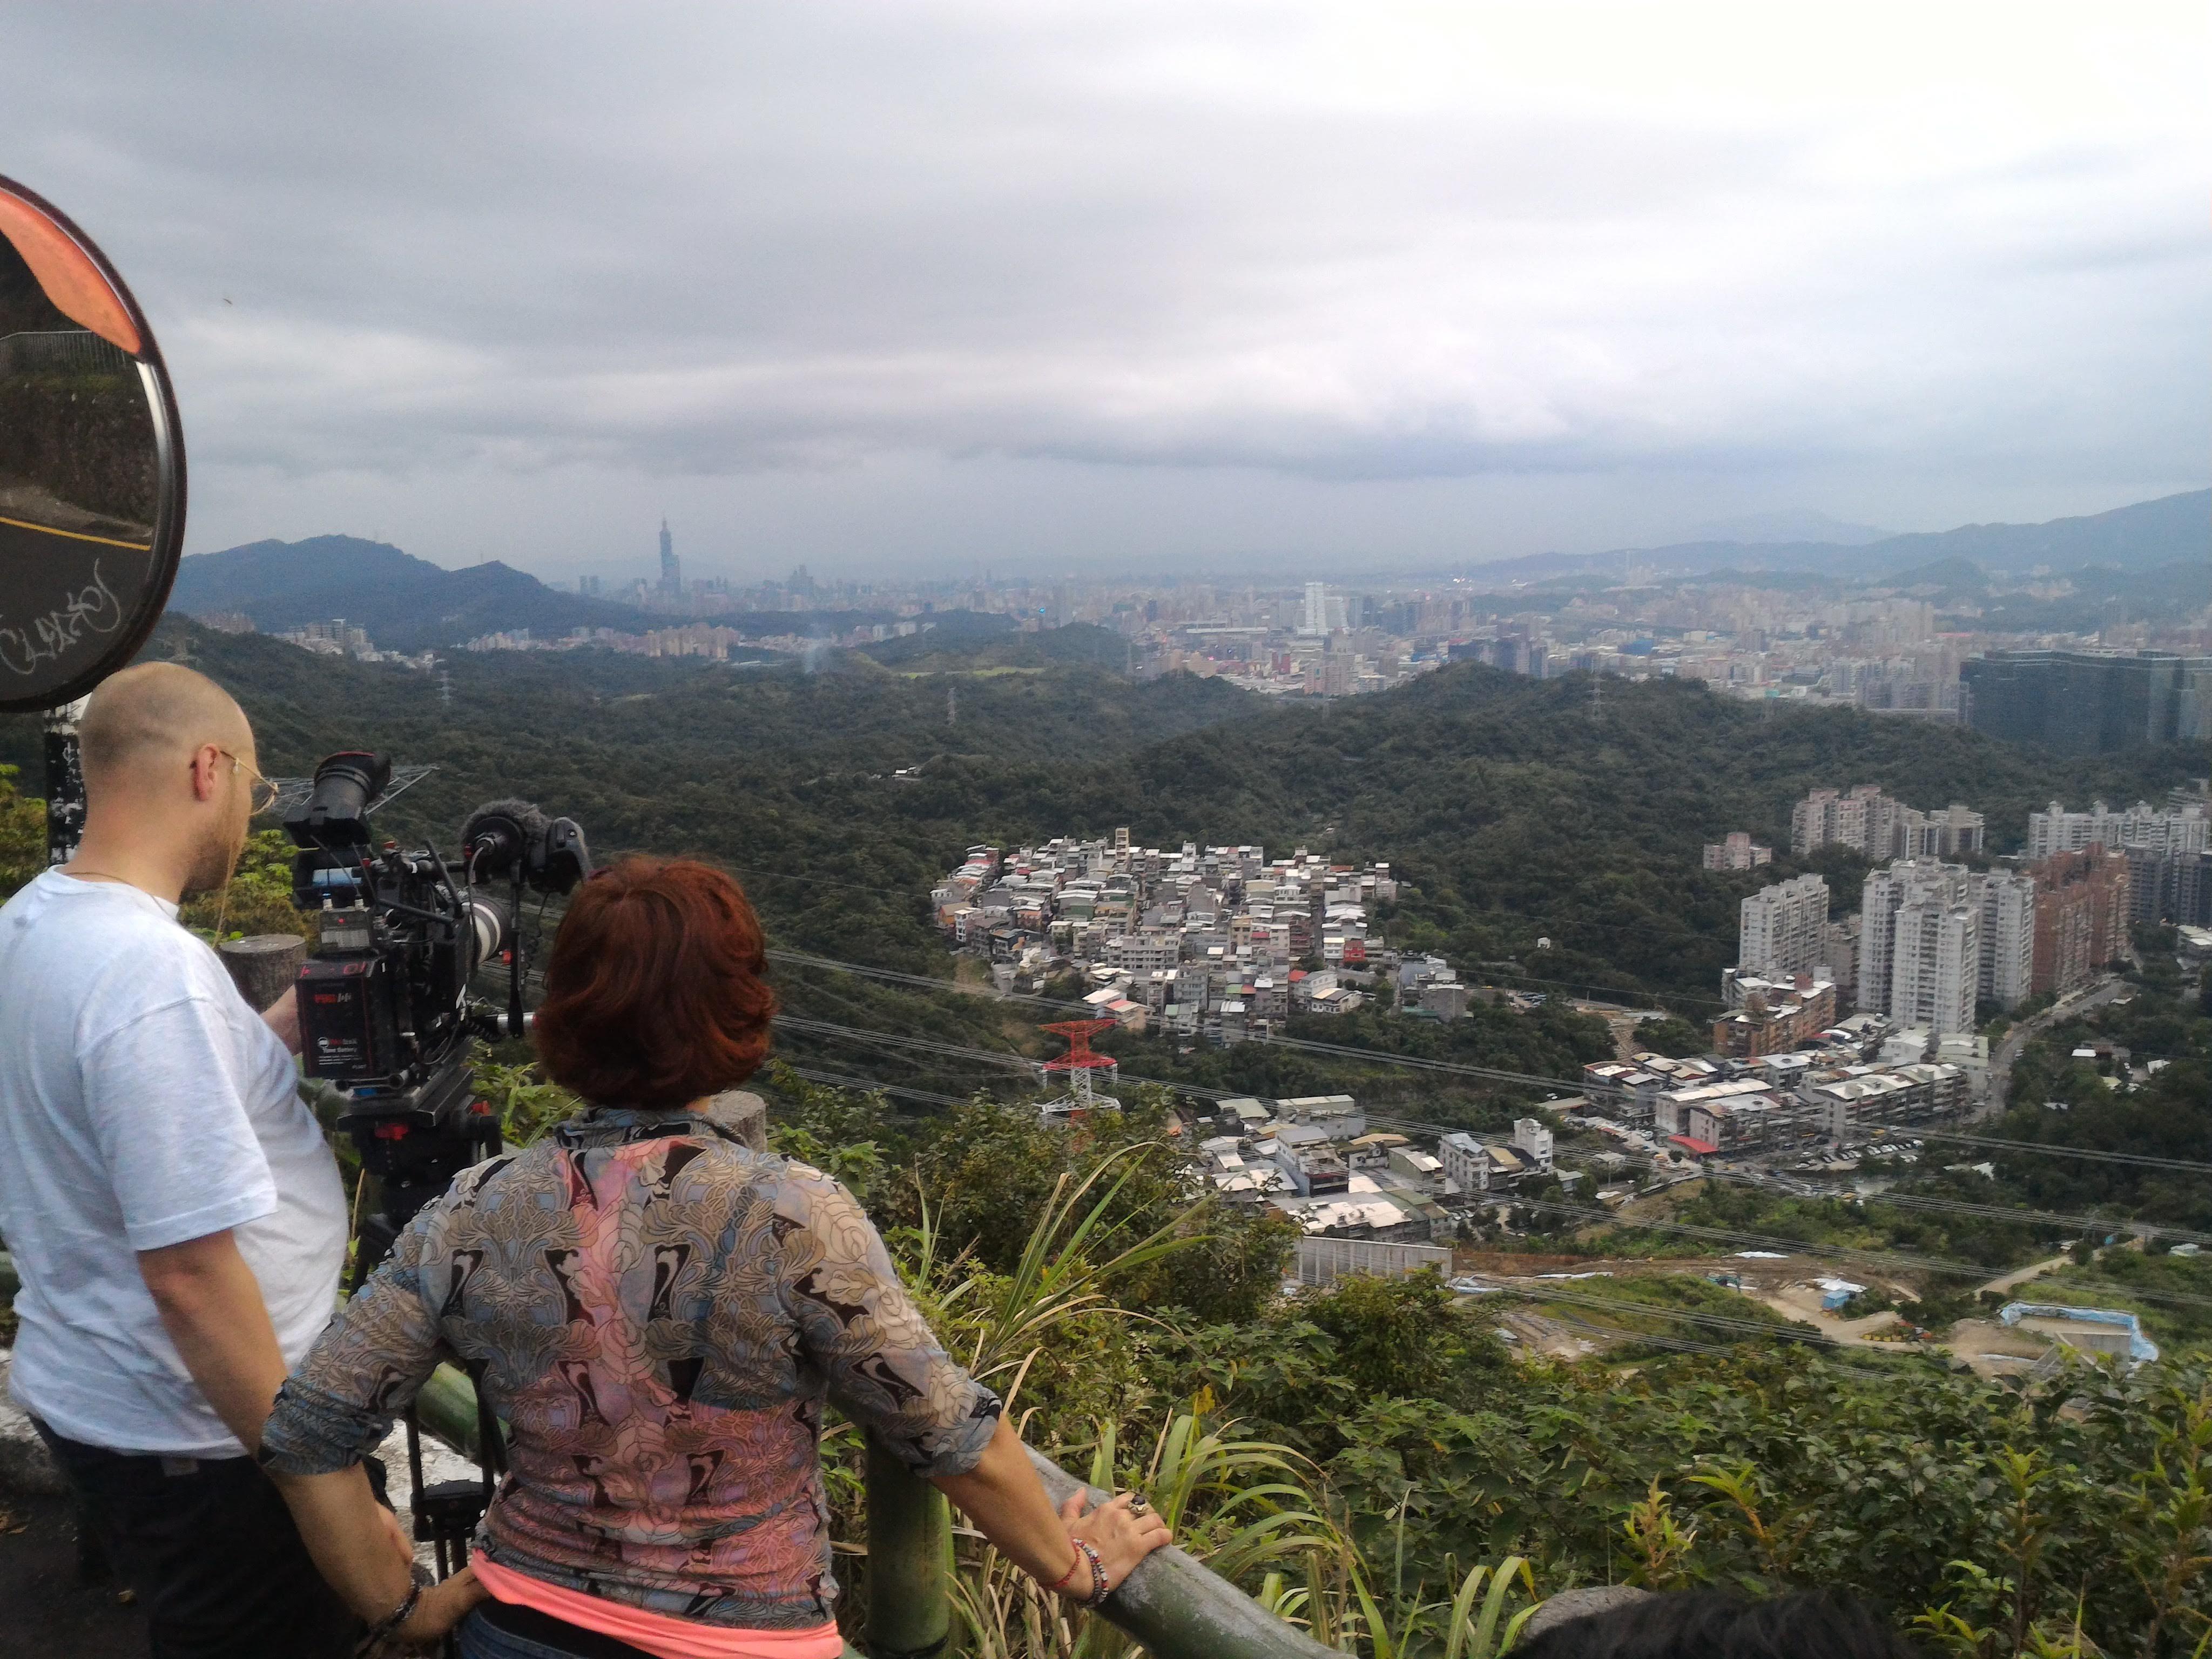 Asyl, Kurzsichtigkeit, China: So kommt Taiwan ins deutsche Fernsehen